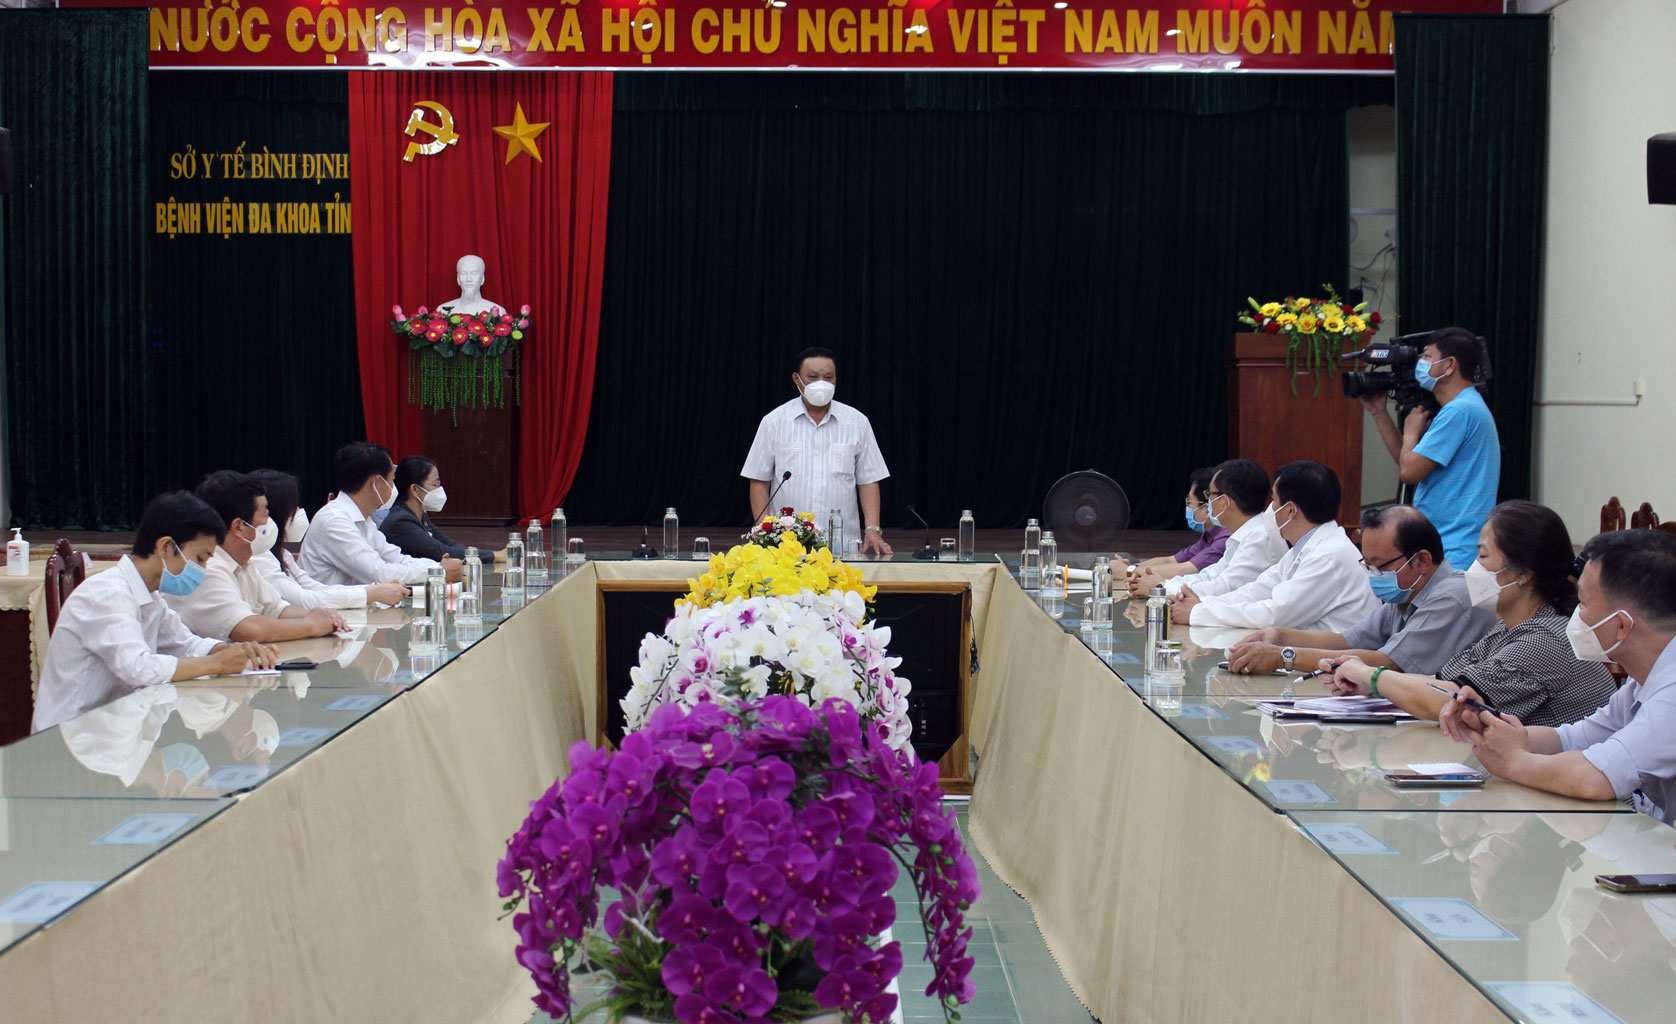 Đồng chí Lê Kim Toàn kiểm tra công tác phòng chống dịch tại Bệnh viện đa khoa tỉnh Bình Định